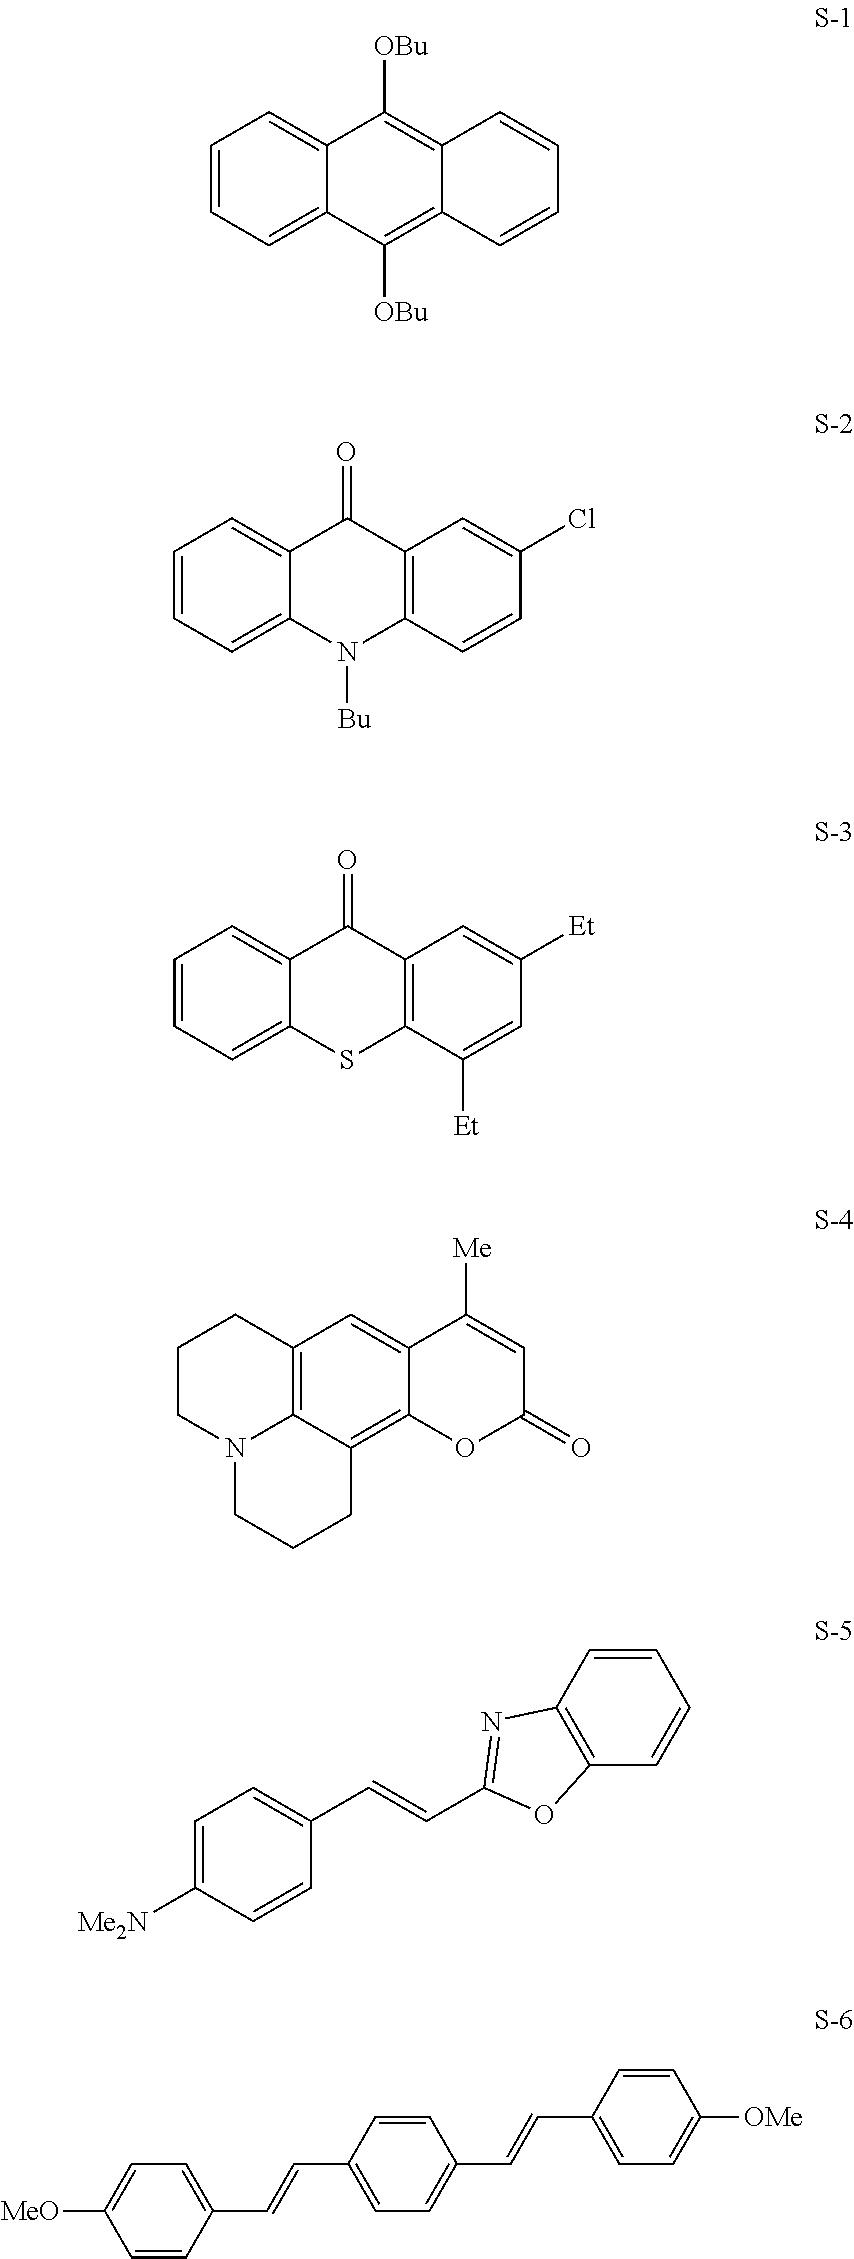 Figure US20150219993A1-20150806-C00029